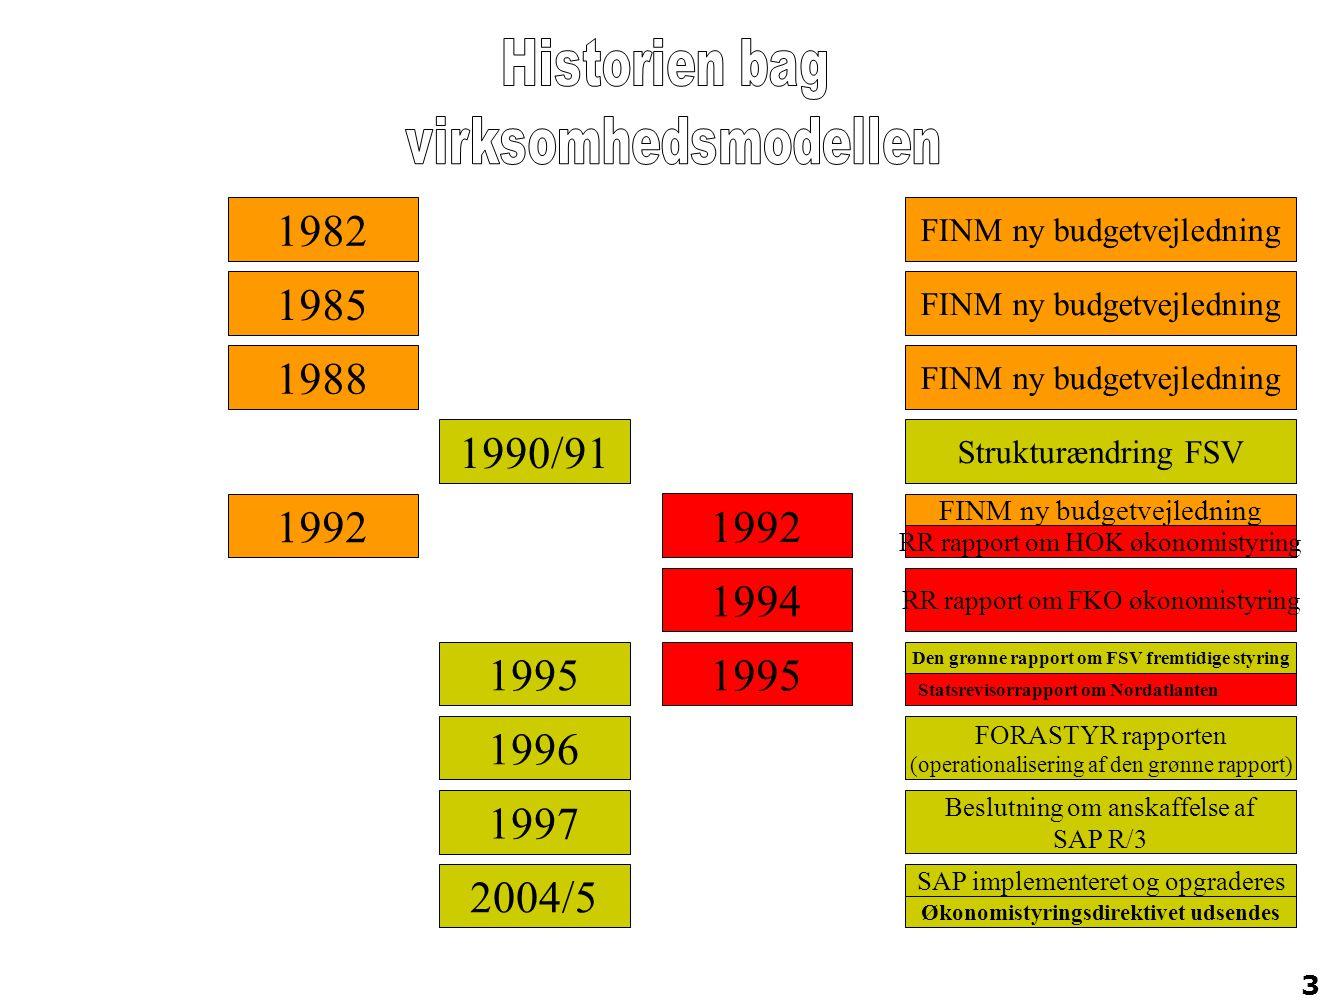 Historien bag virksomhedsmodellen. 1982. FINM ny budgetvejledning. 1985. FINM ny budgetvejledning.